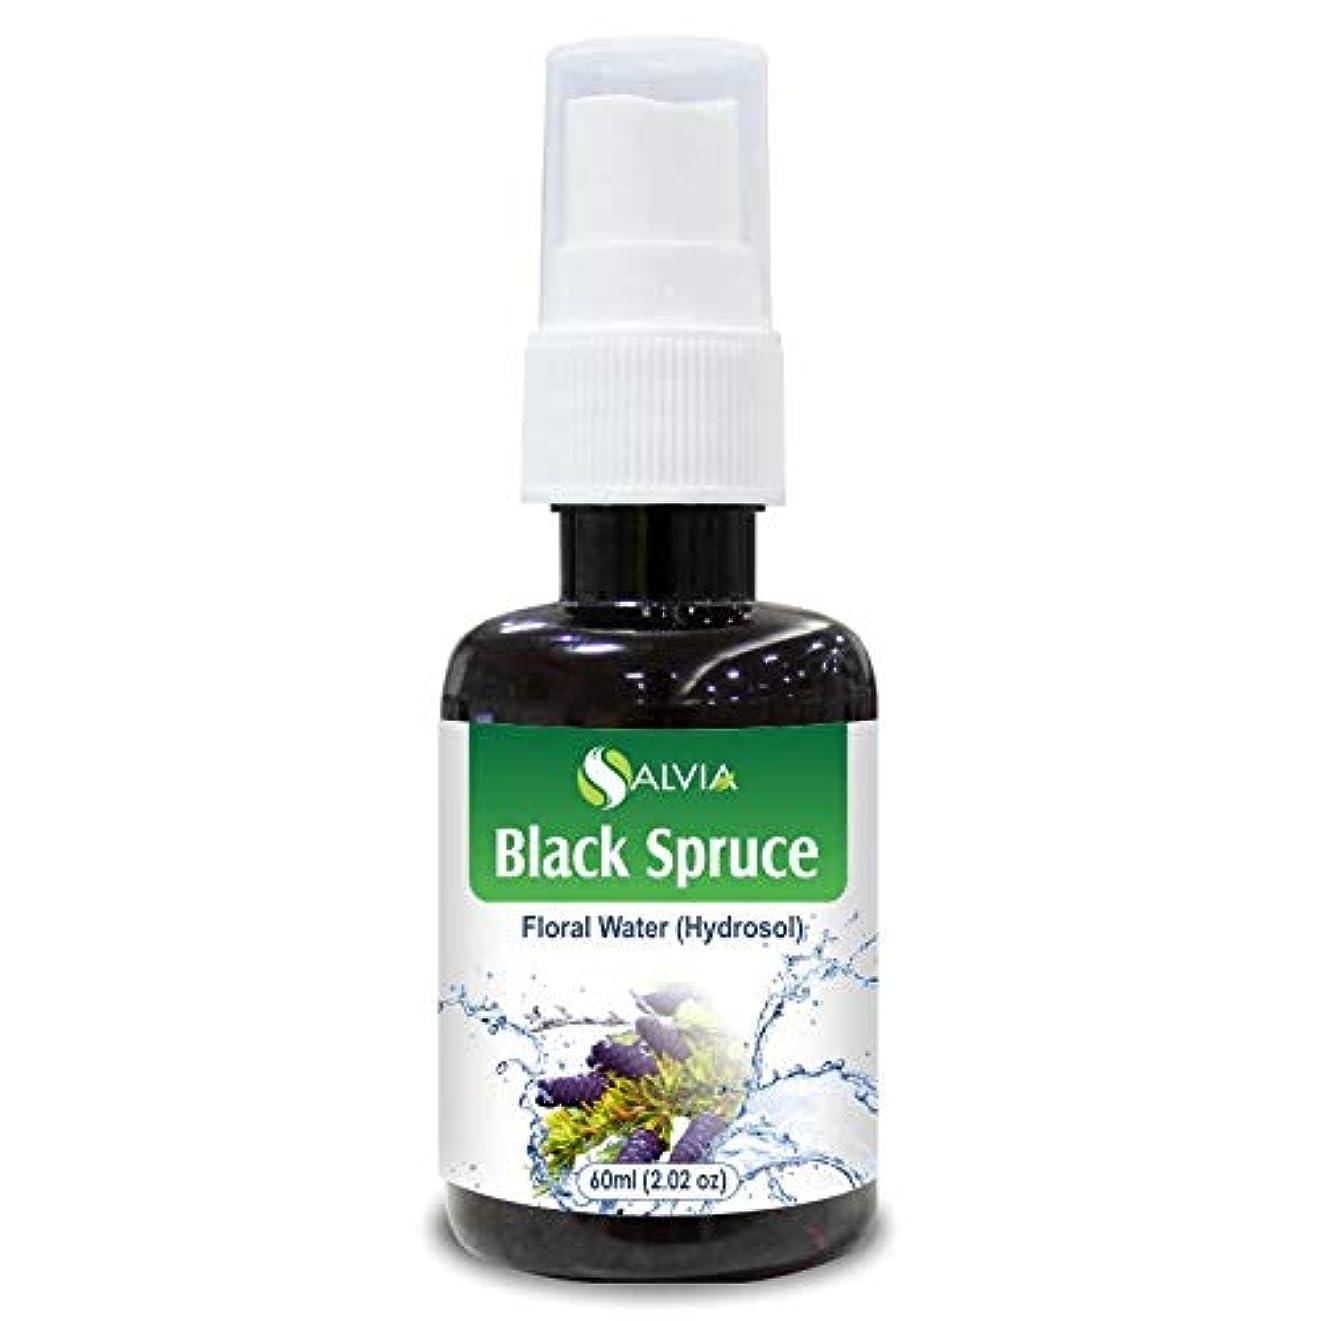 登るマーチャンダイジング突撃Black Spruce Floral Water 60ml (Hydrosol) 100% Pure And Natural